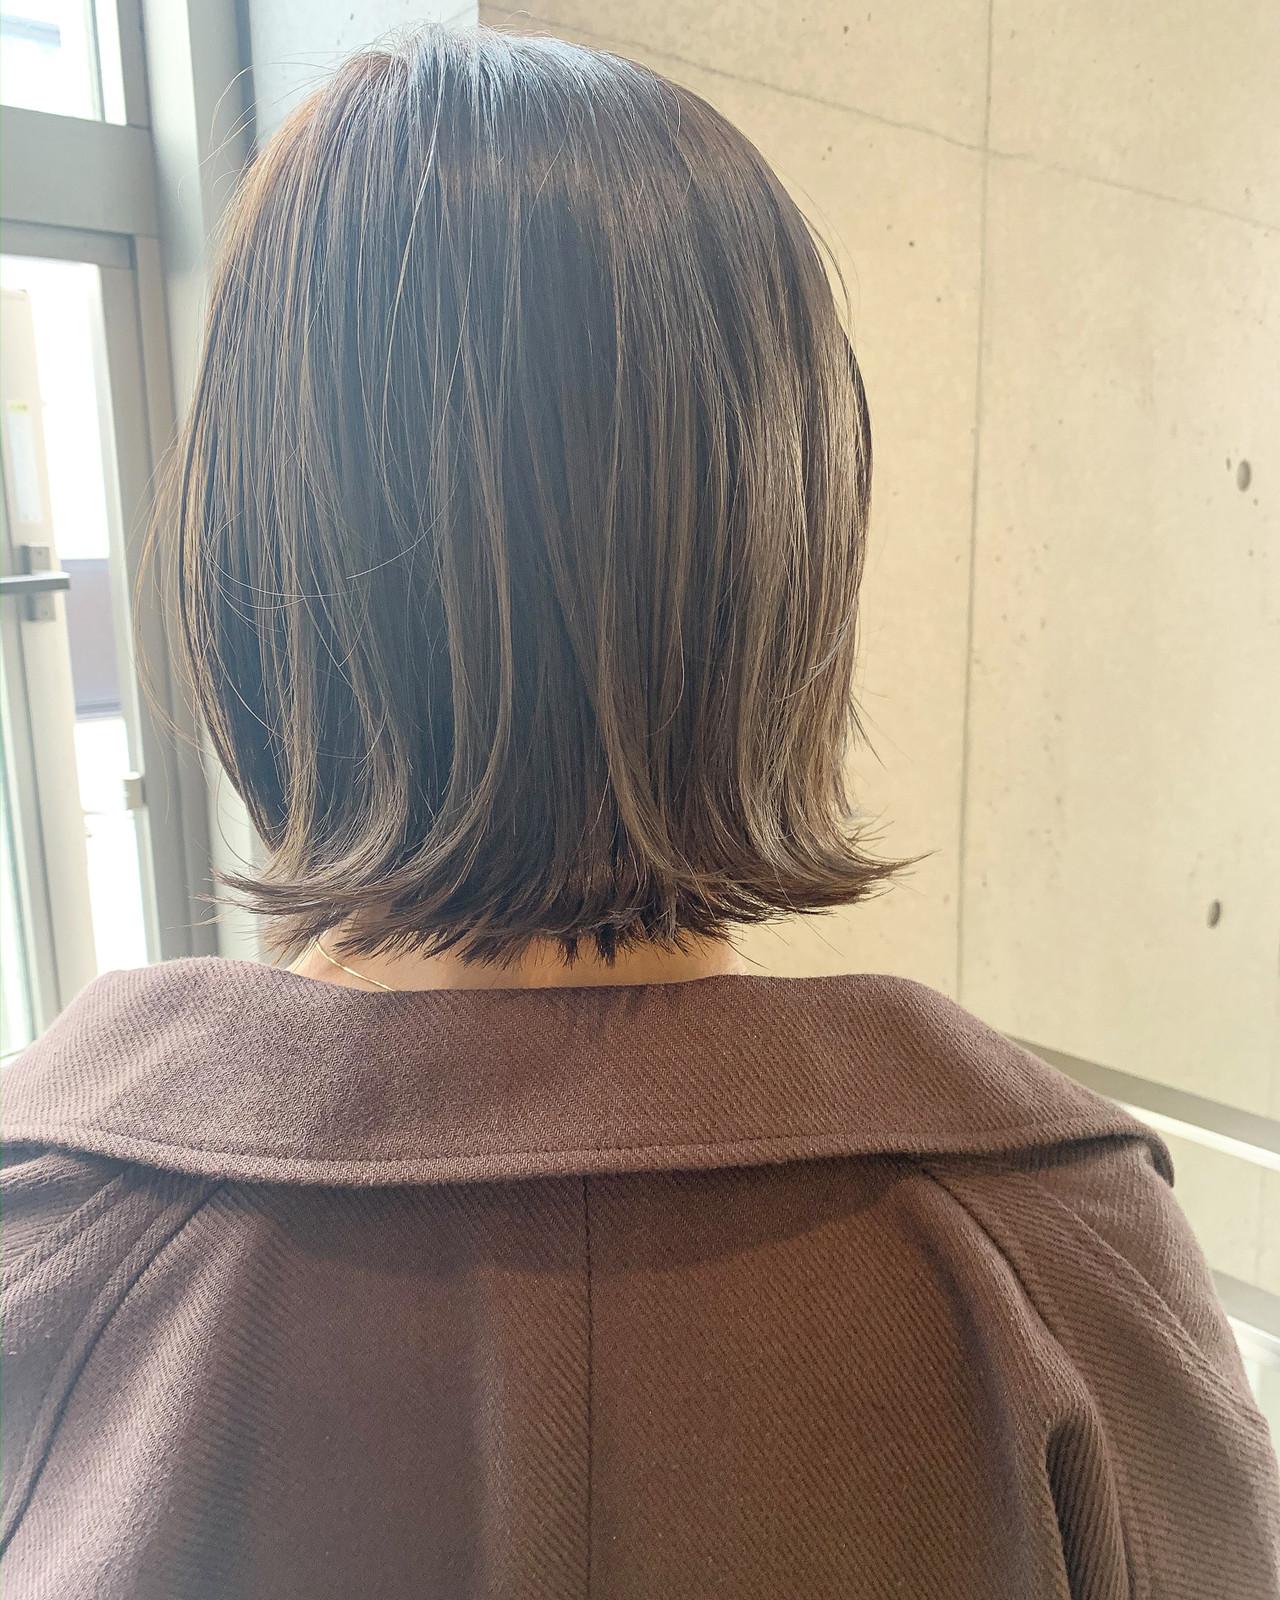 大人ヘアスタイル 大人カジュアル ナチュラル ミニボブ ヘアスタイルや髪型の写真・画像